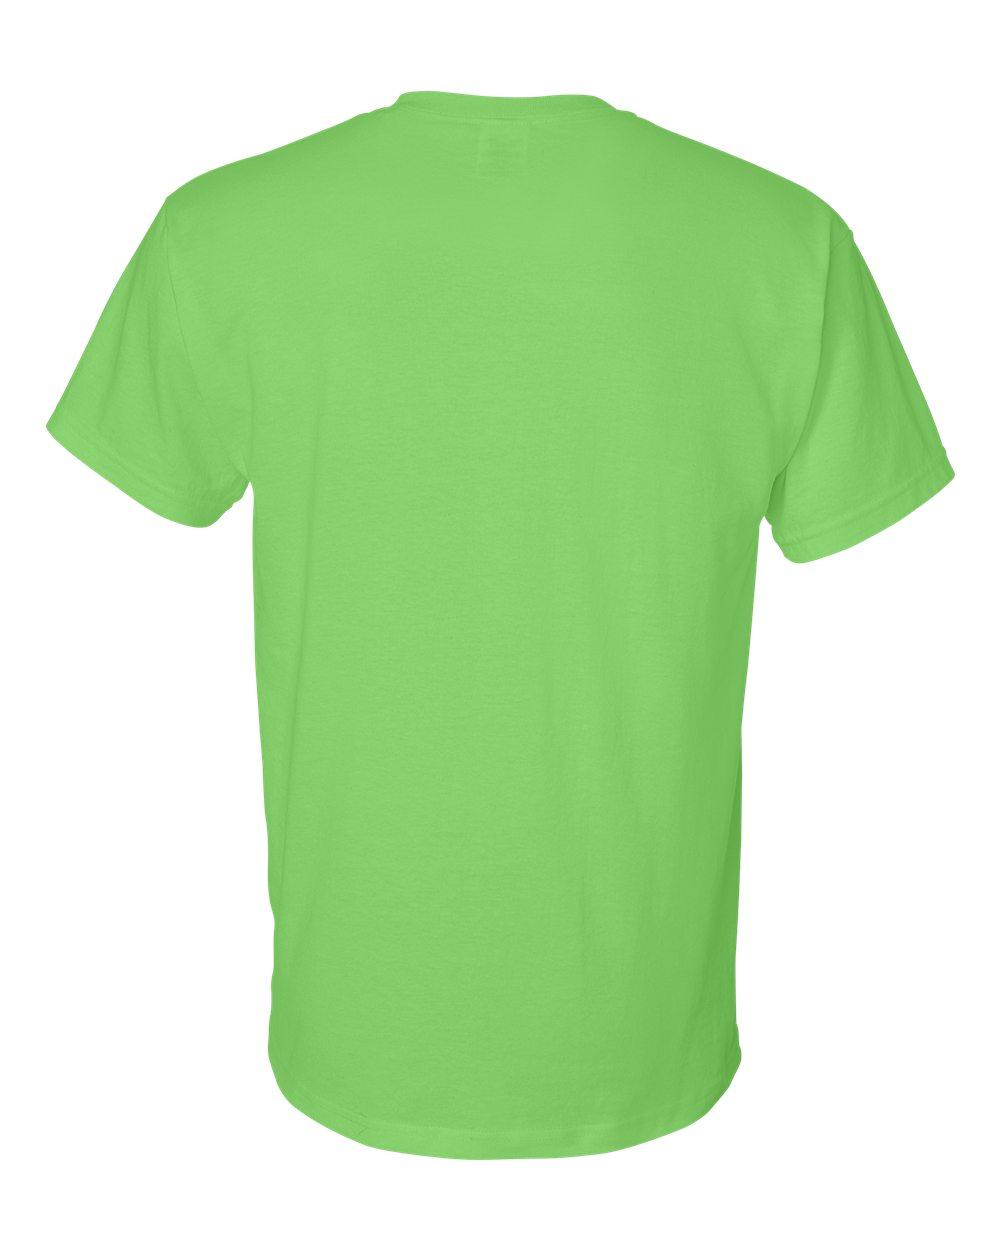 Gildan-Mens-DryBlend-5-6-oz-50-50-T-Shirt-G800-Size-S-5XL thumbnail 54